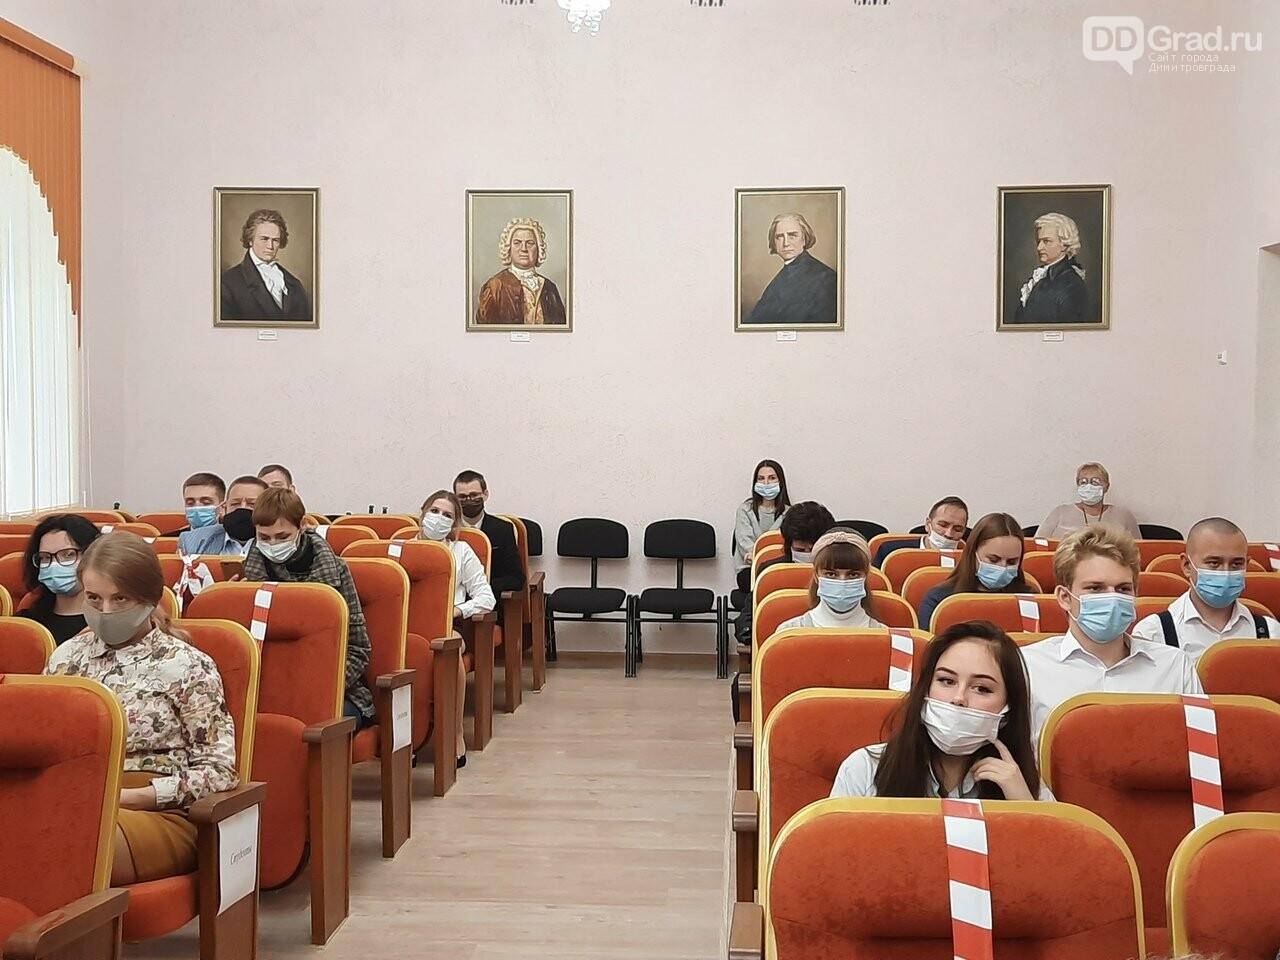 Димитровградский музыкальный колледж открылся после ремонта, фото-1